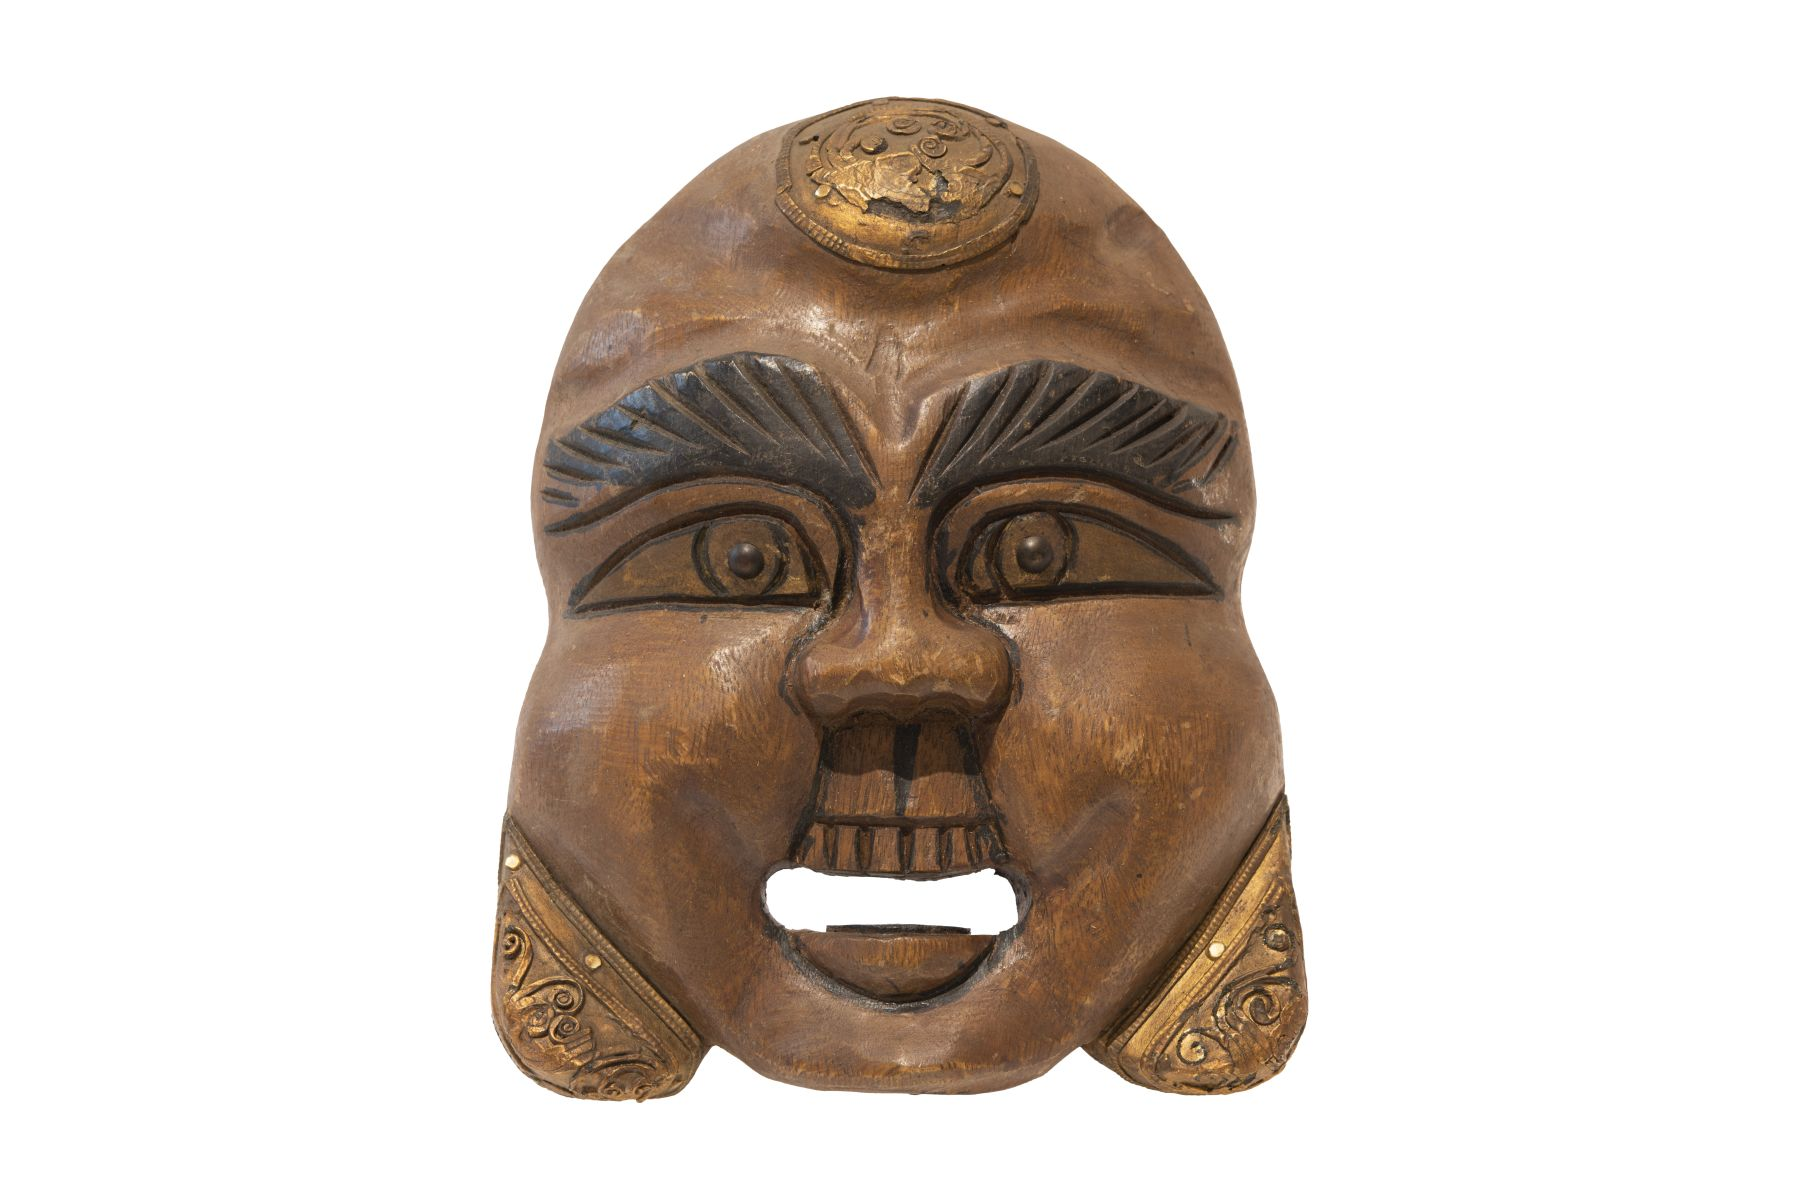 #63 Laughing Wooden Mask, China   Lachende Holzmaske, China Image